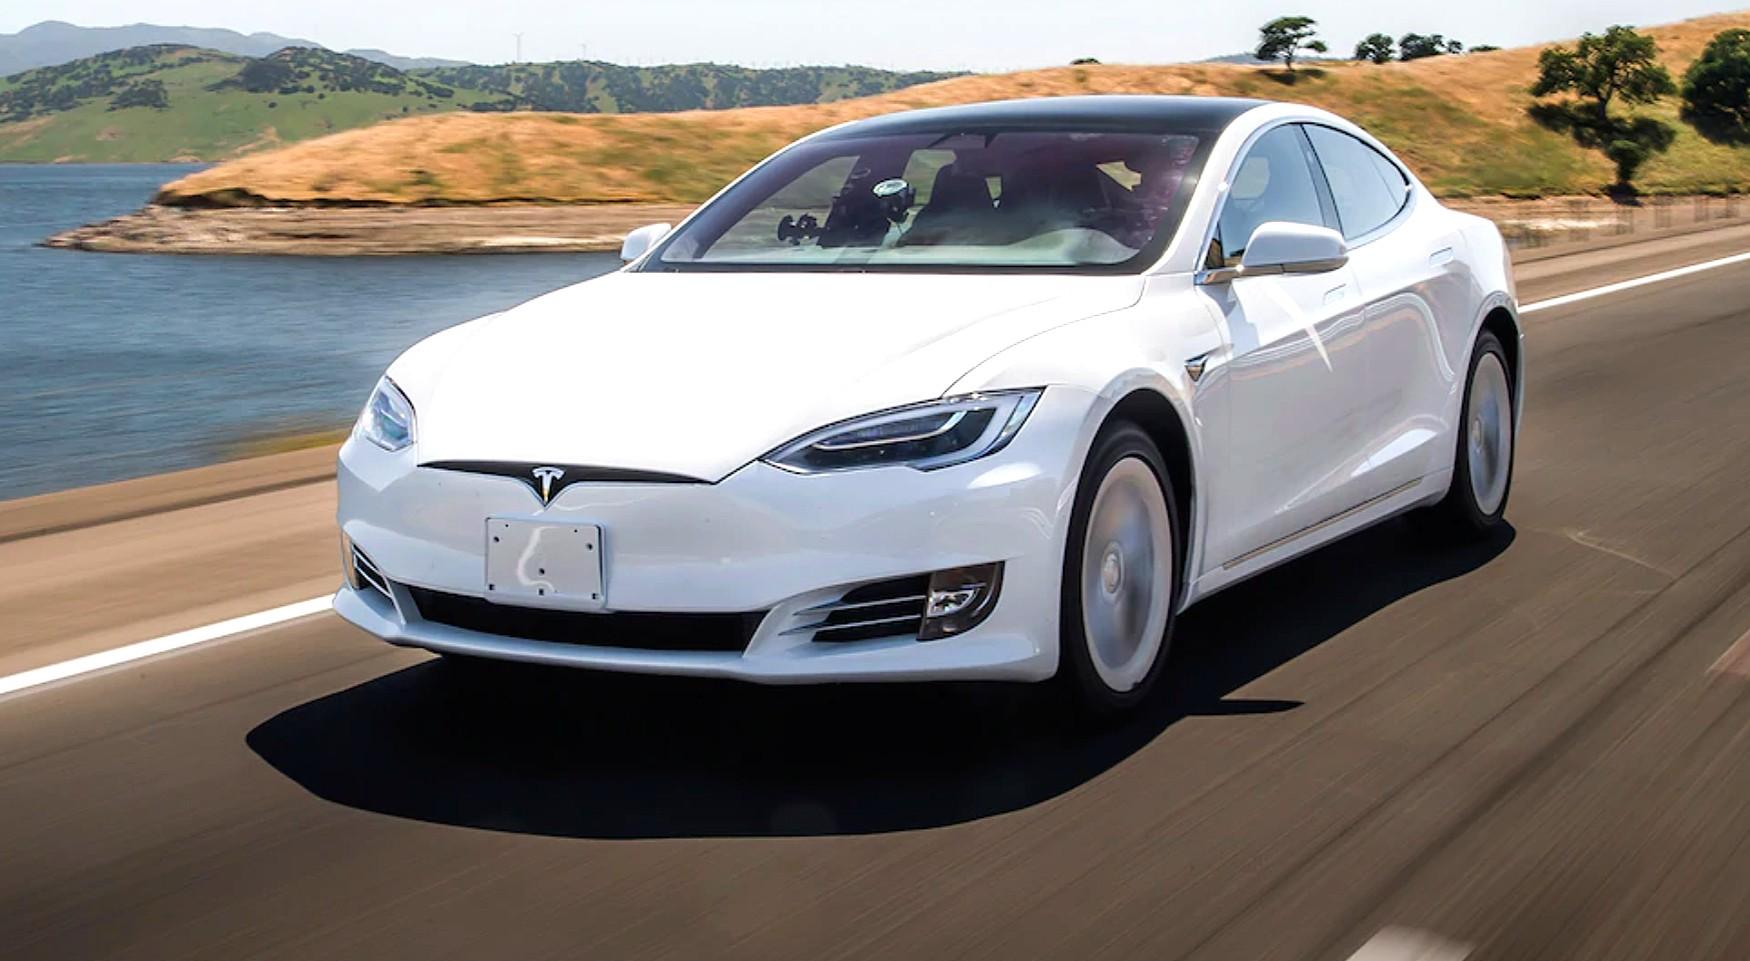 Tesla vehicle is on the road